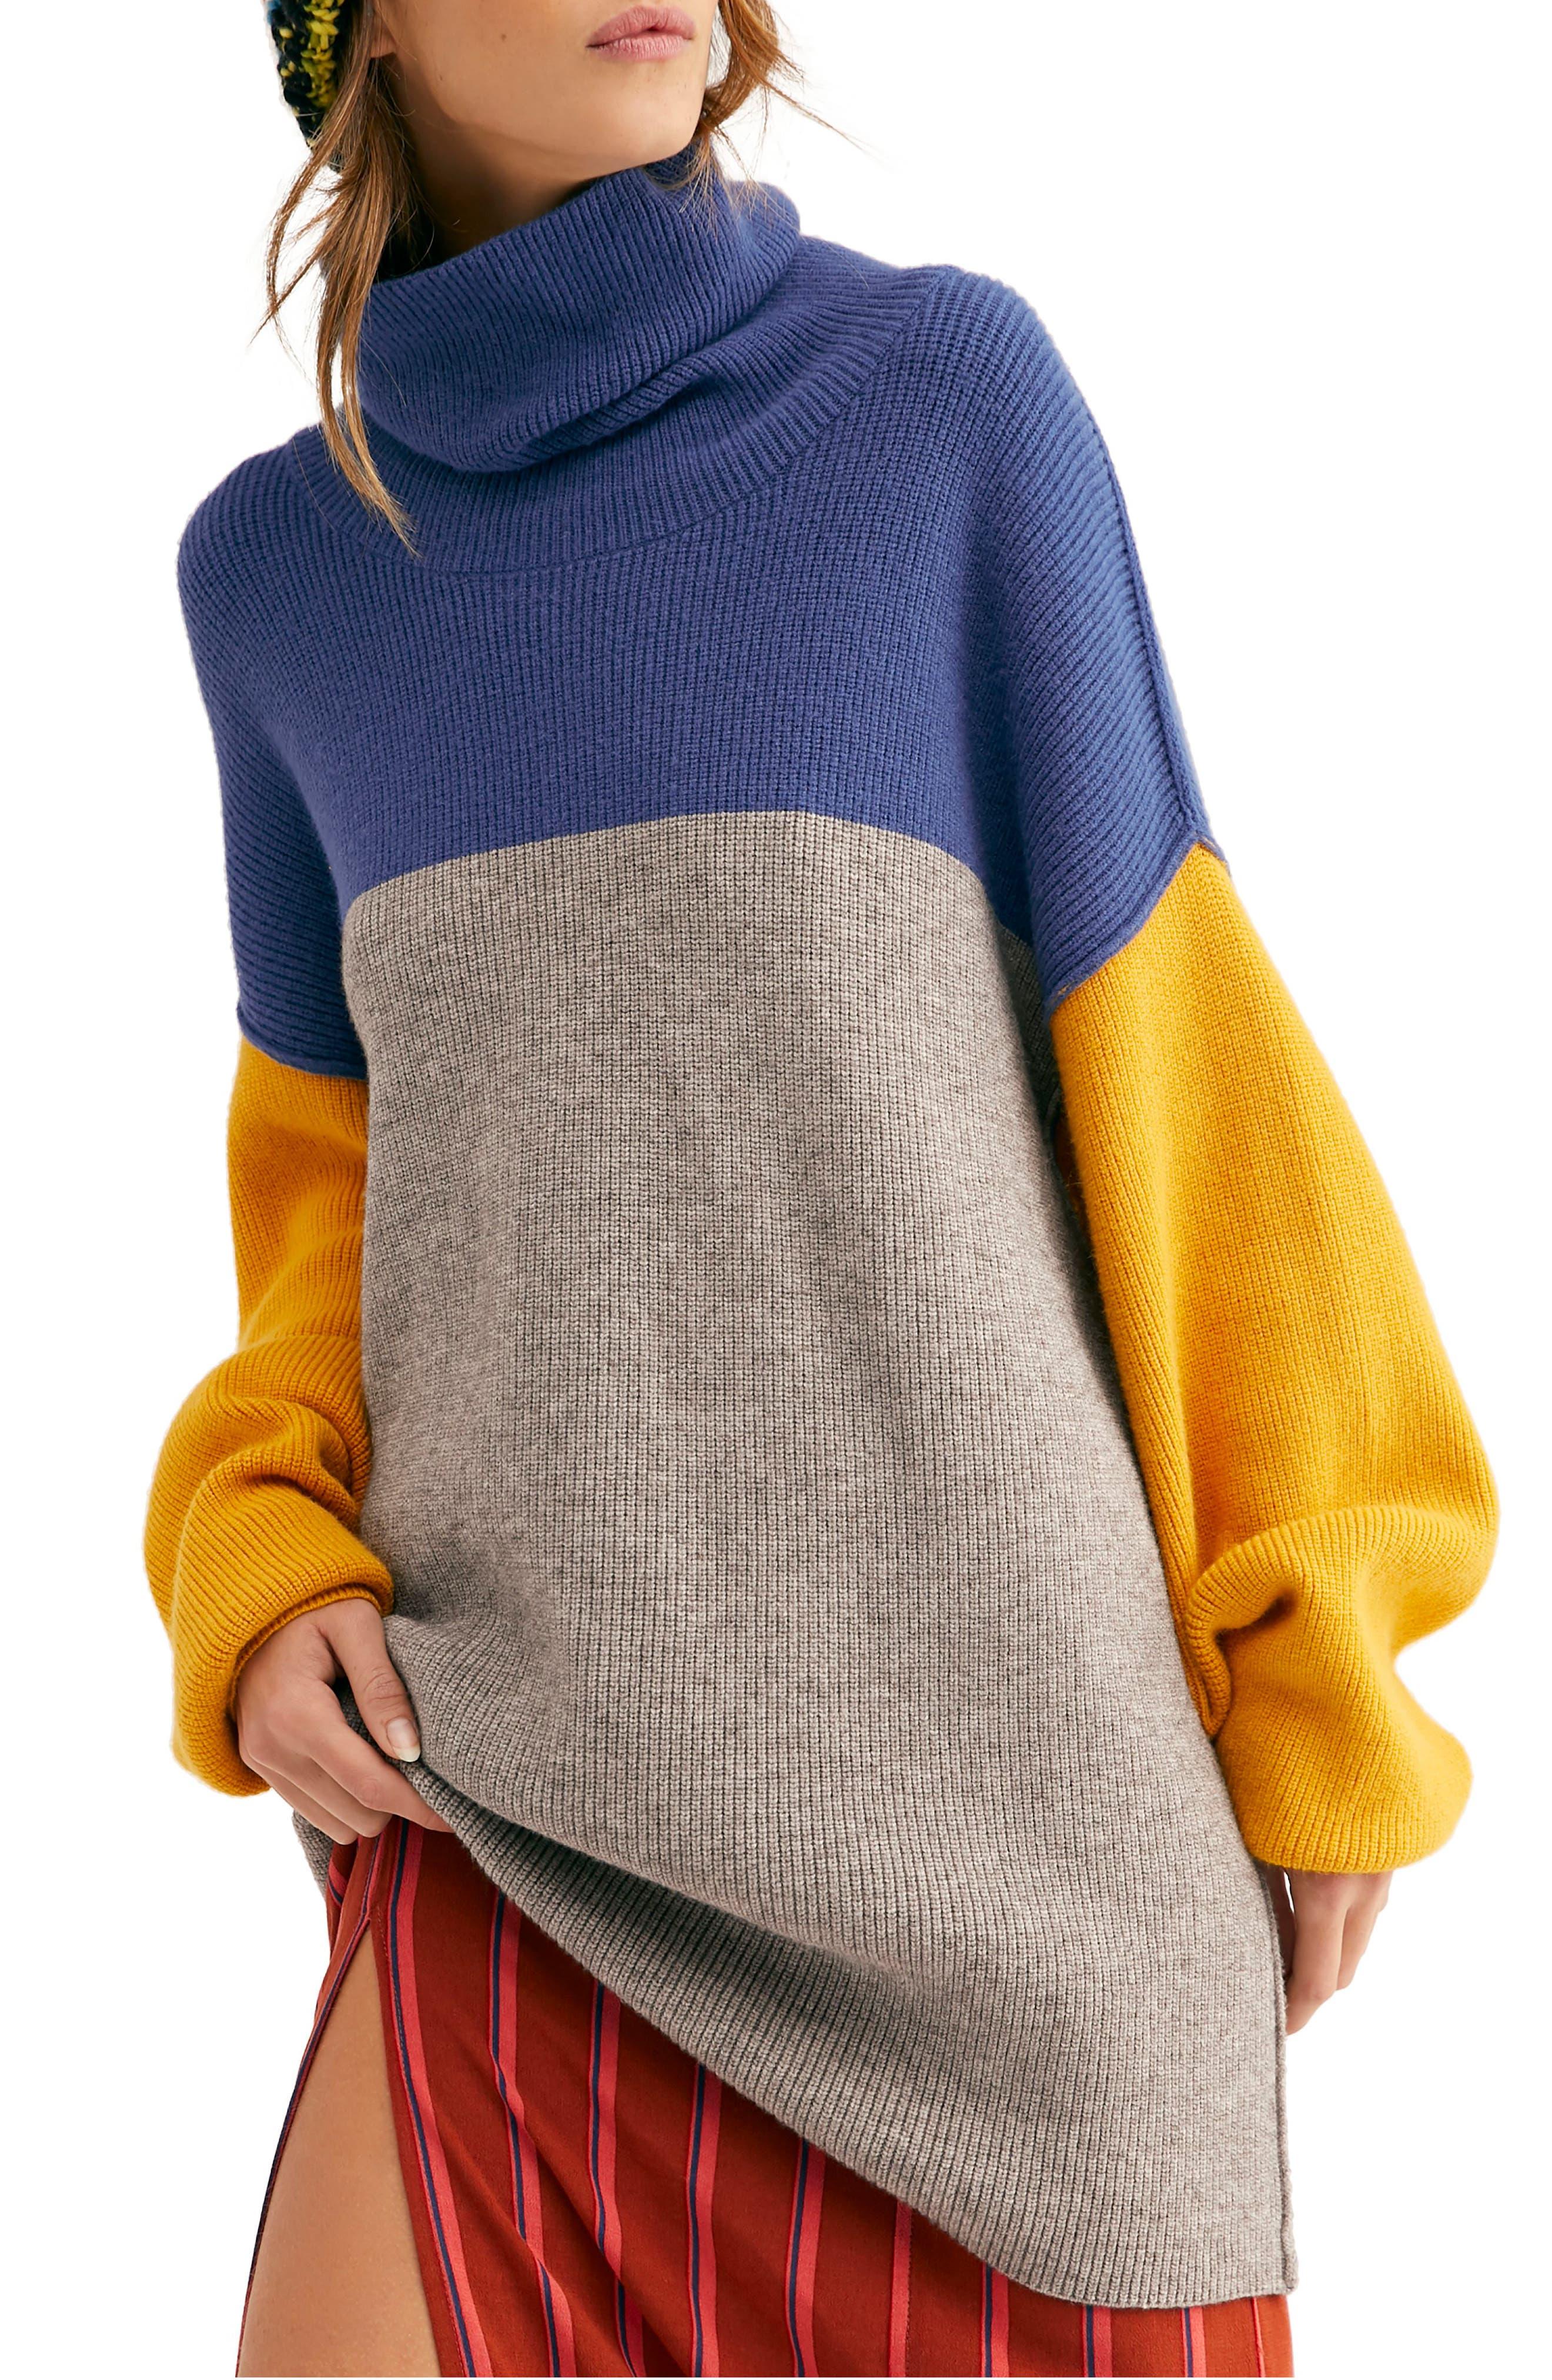 FREE PEOPLE Colorblock Turtleneck Sweater, Main, color, 400